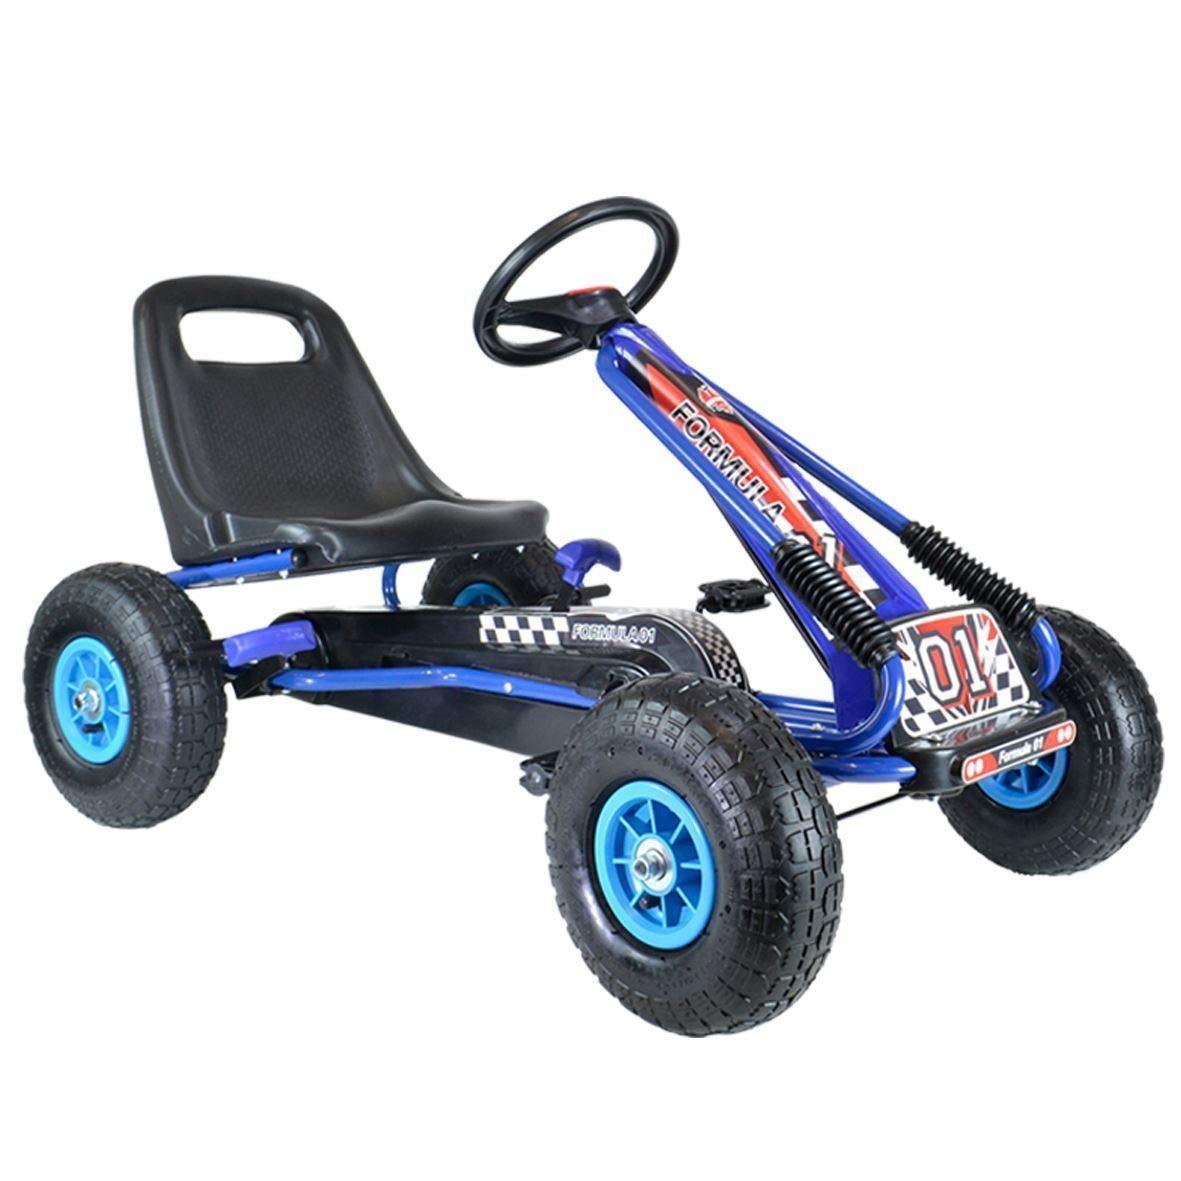 Kiddo by Raygar Racer - Kart de Pedales para niños (Asiento Ajustable, Ruedas de Goma para niños de 4 a 8 años), Color Azul: Amazon.es: Juguetes y juegos